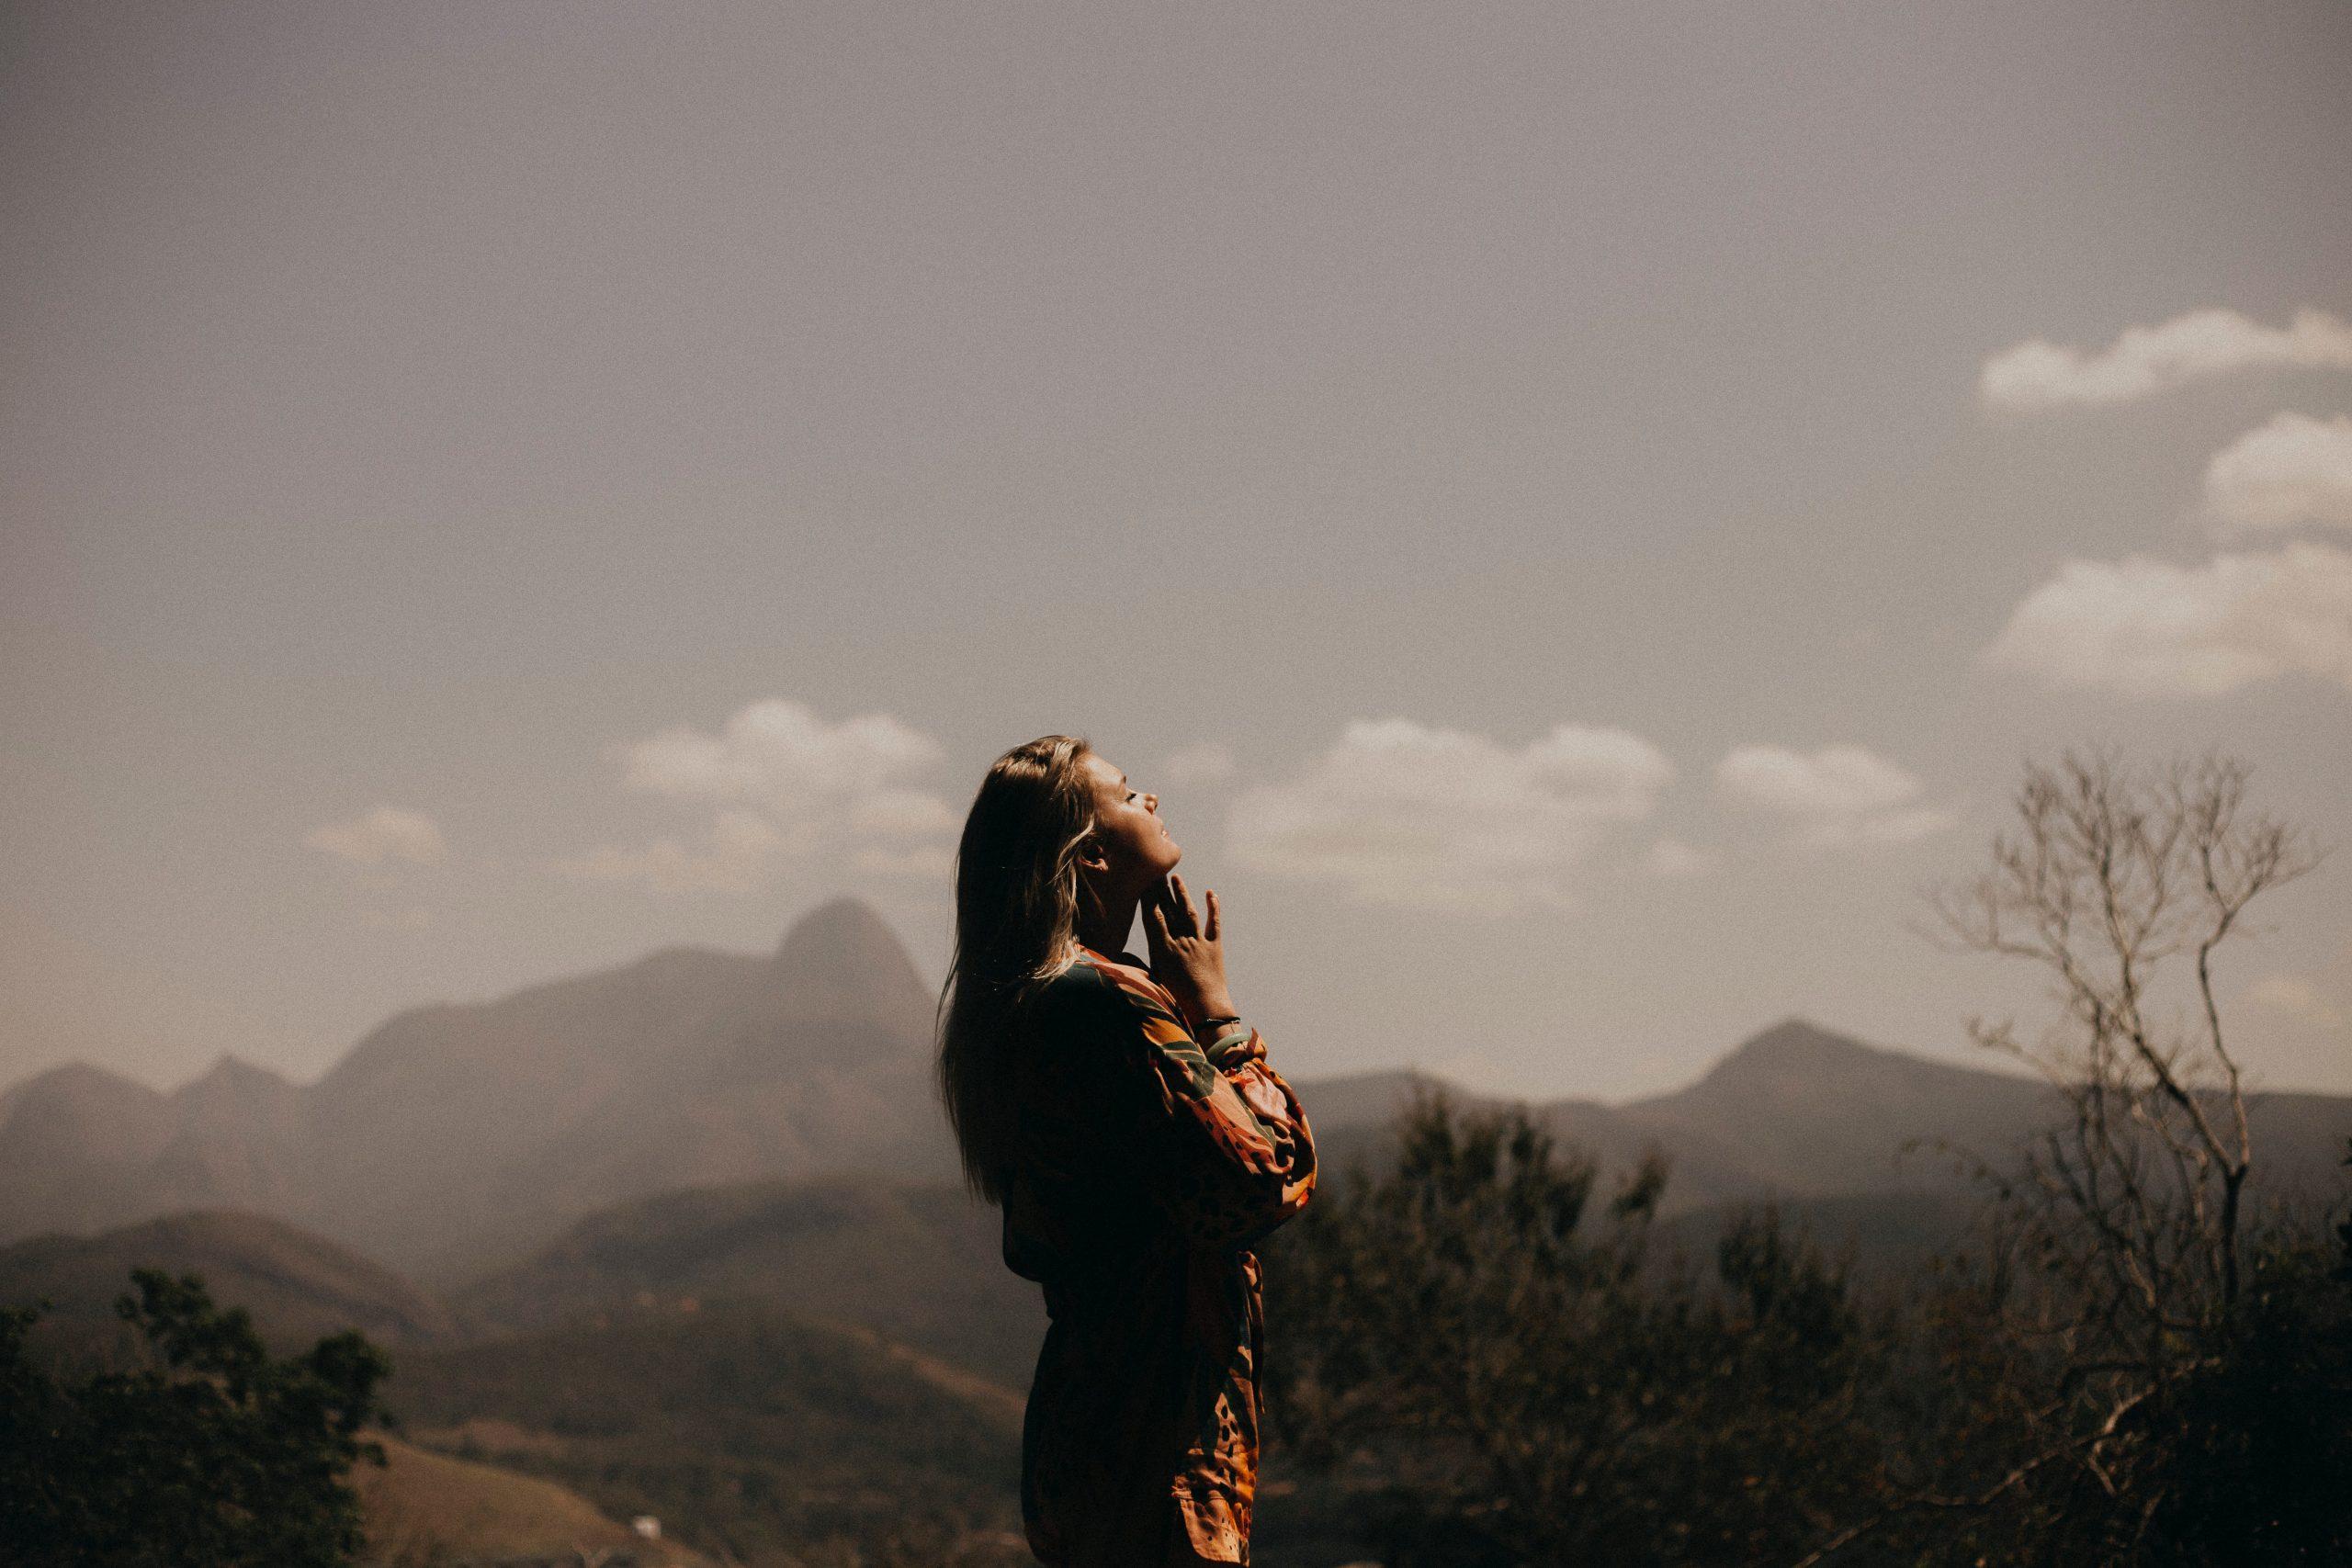 Fata stând in picioare în natura uitându-se spre cer